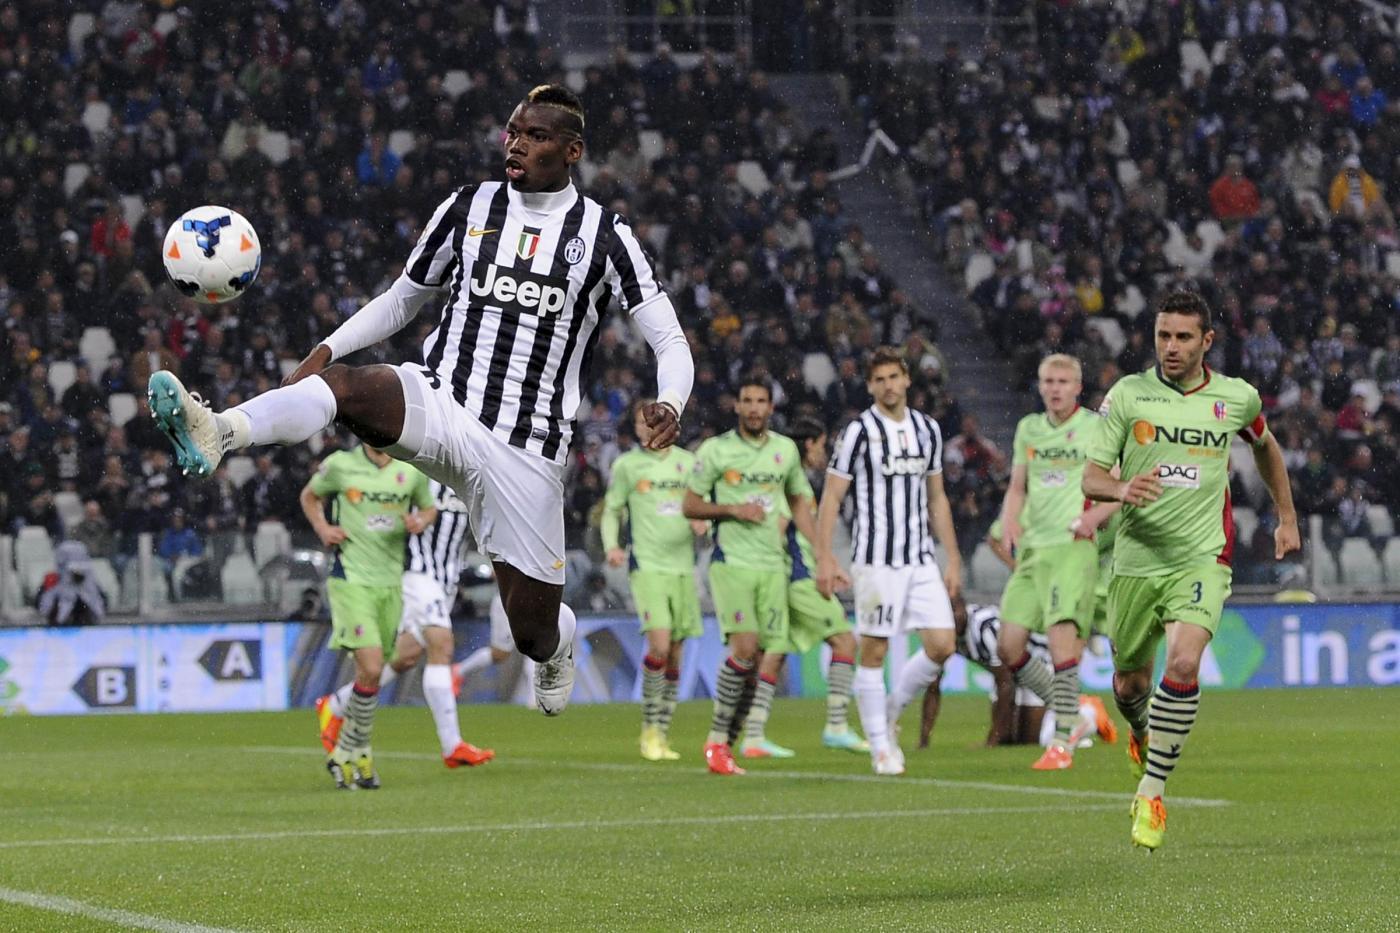 Pagella Serie A 2013/14: il 34esimo turno